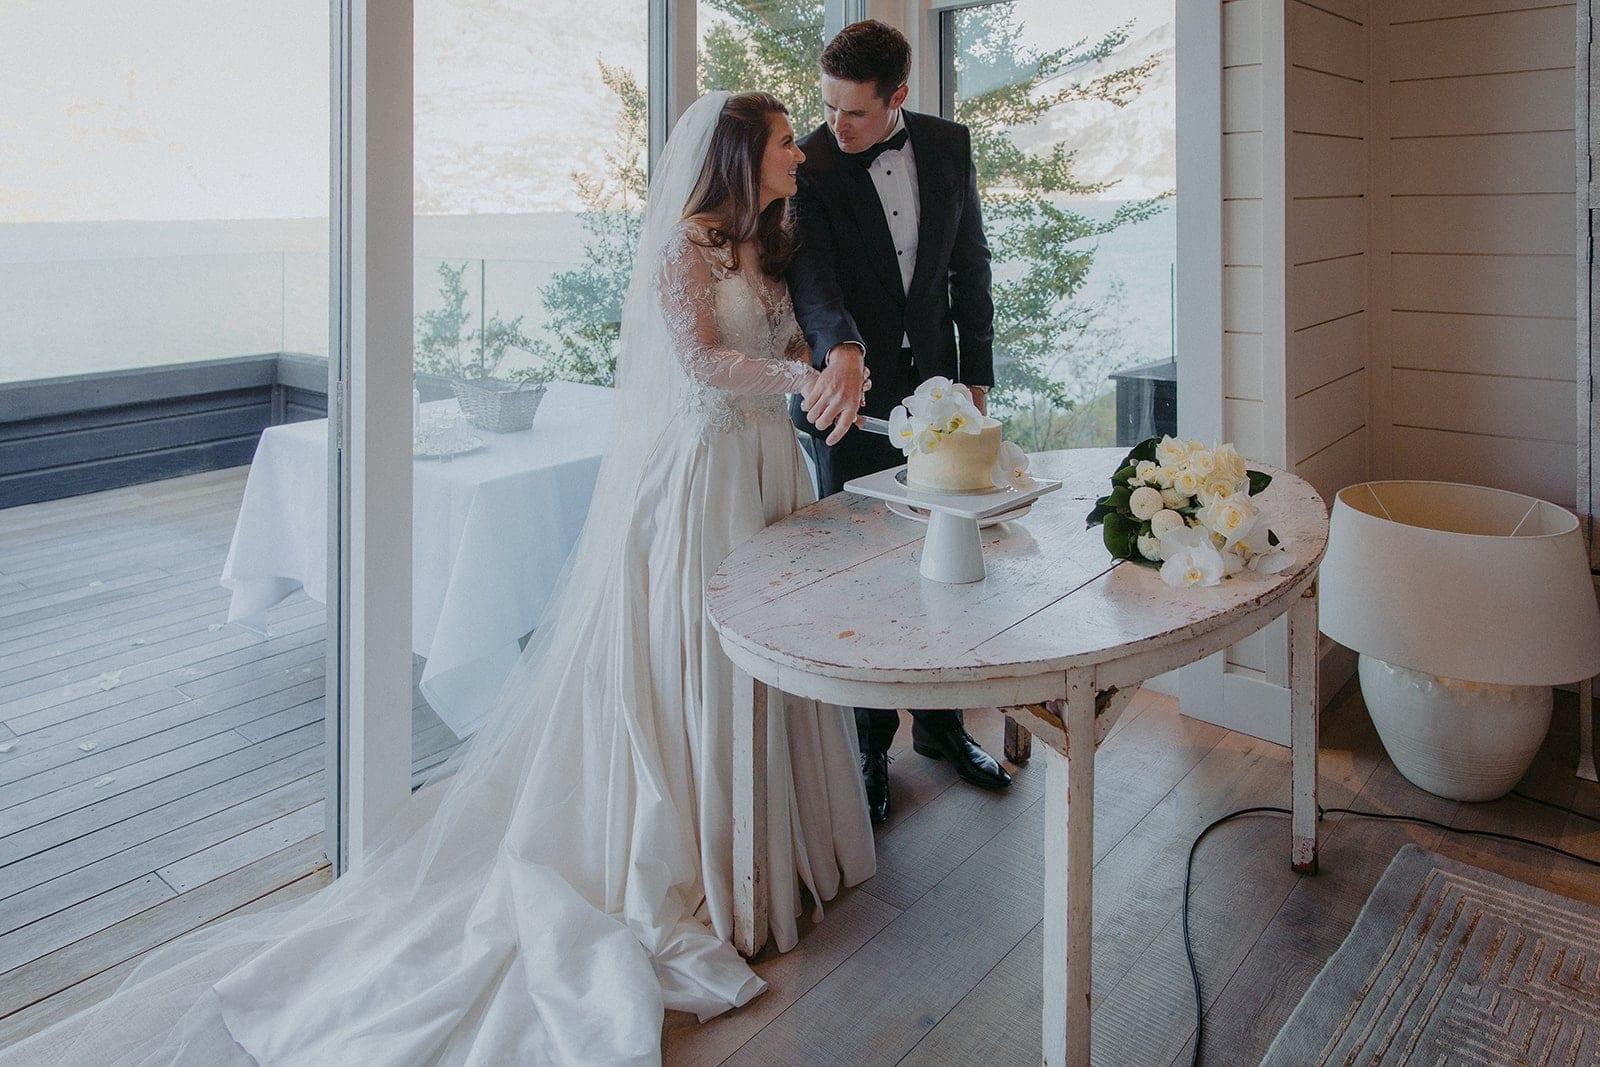 Real Weddings | Vinka Design | Real Brides Wearing Vinka Gowns | Sara and Ben cutting cake